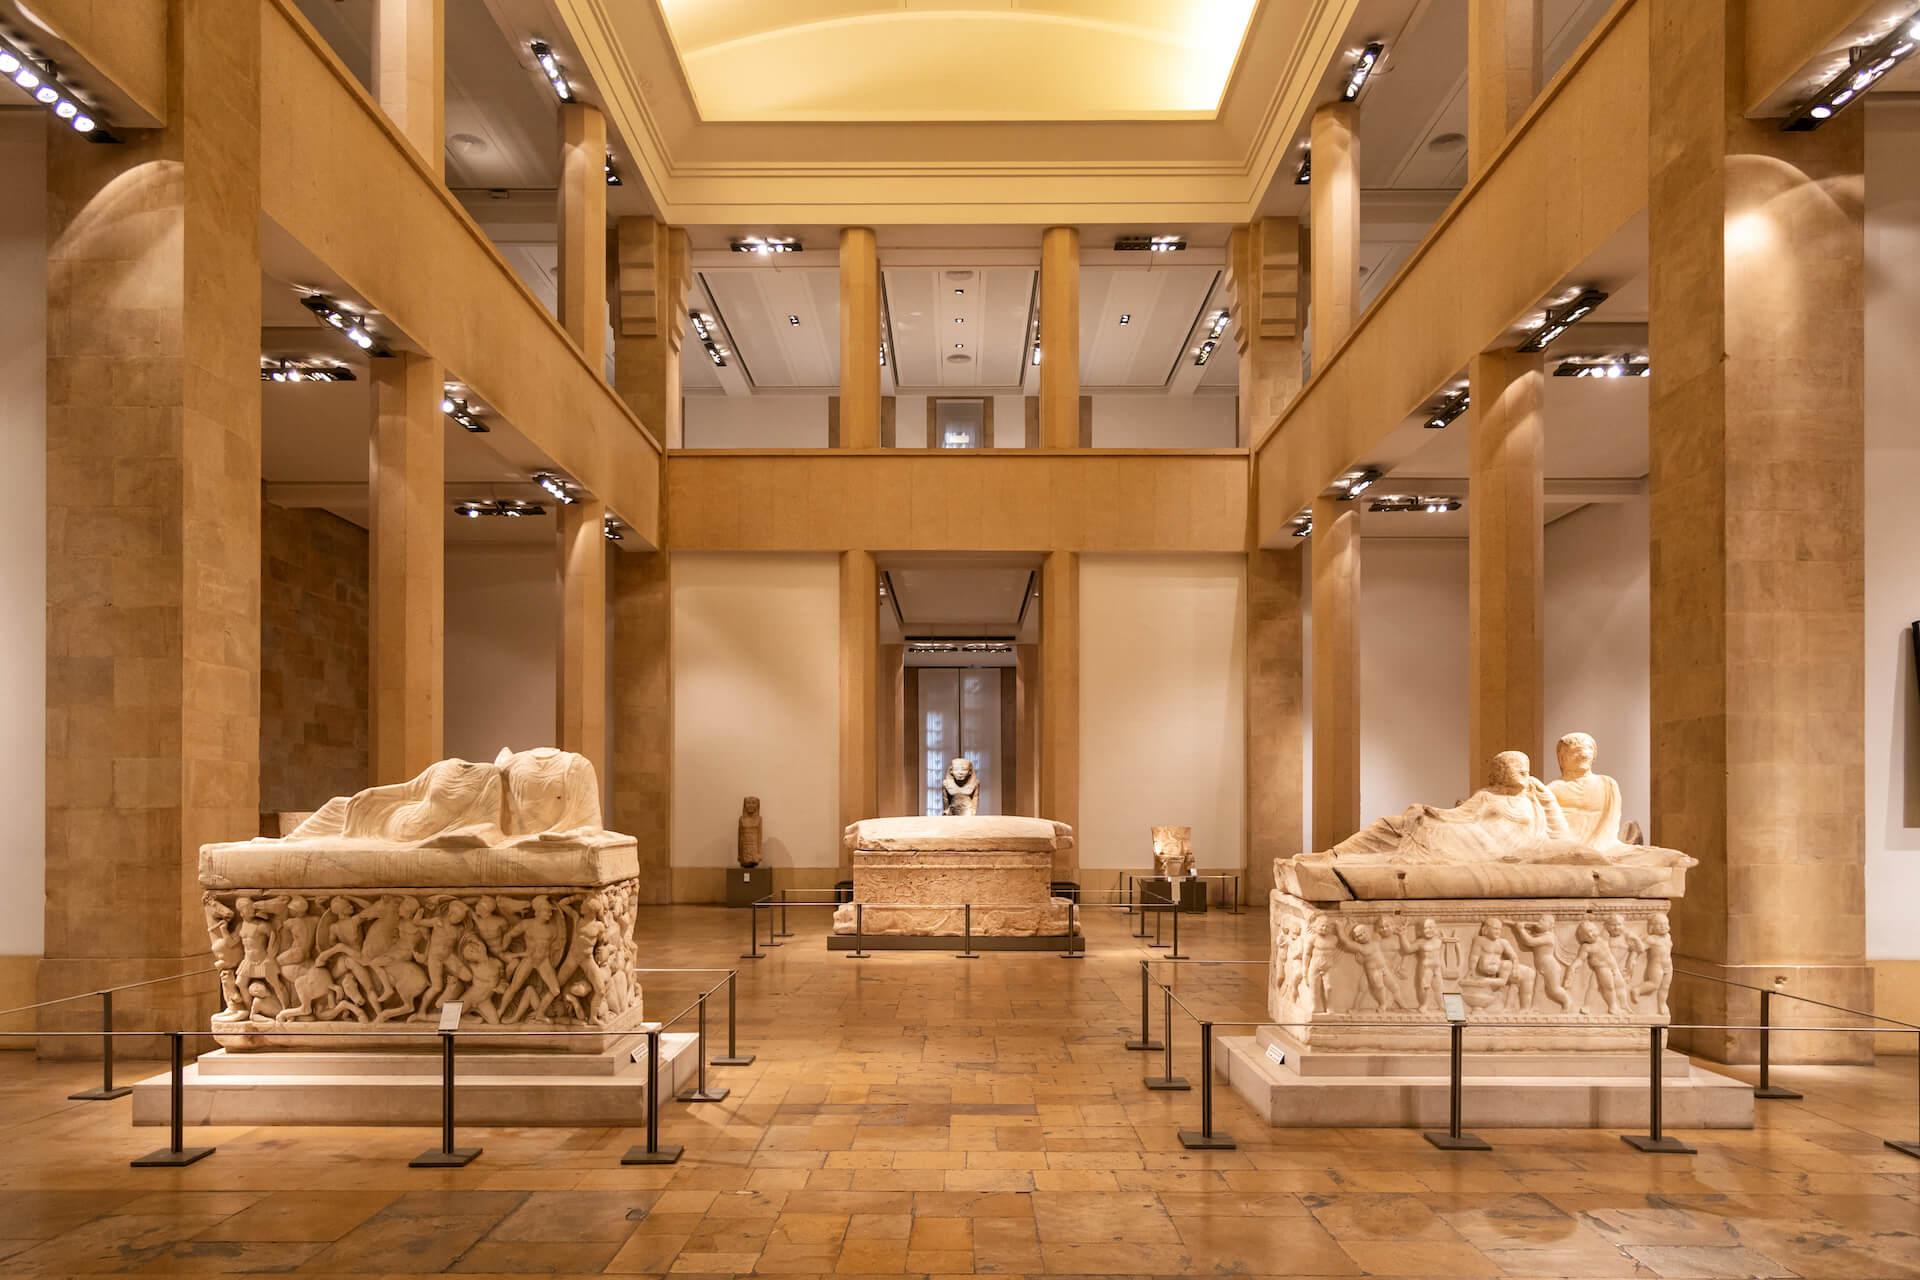 Zaal in het Nationaal Museum van Beiroet